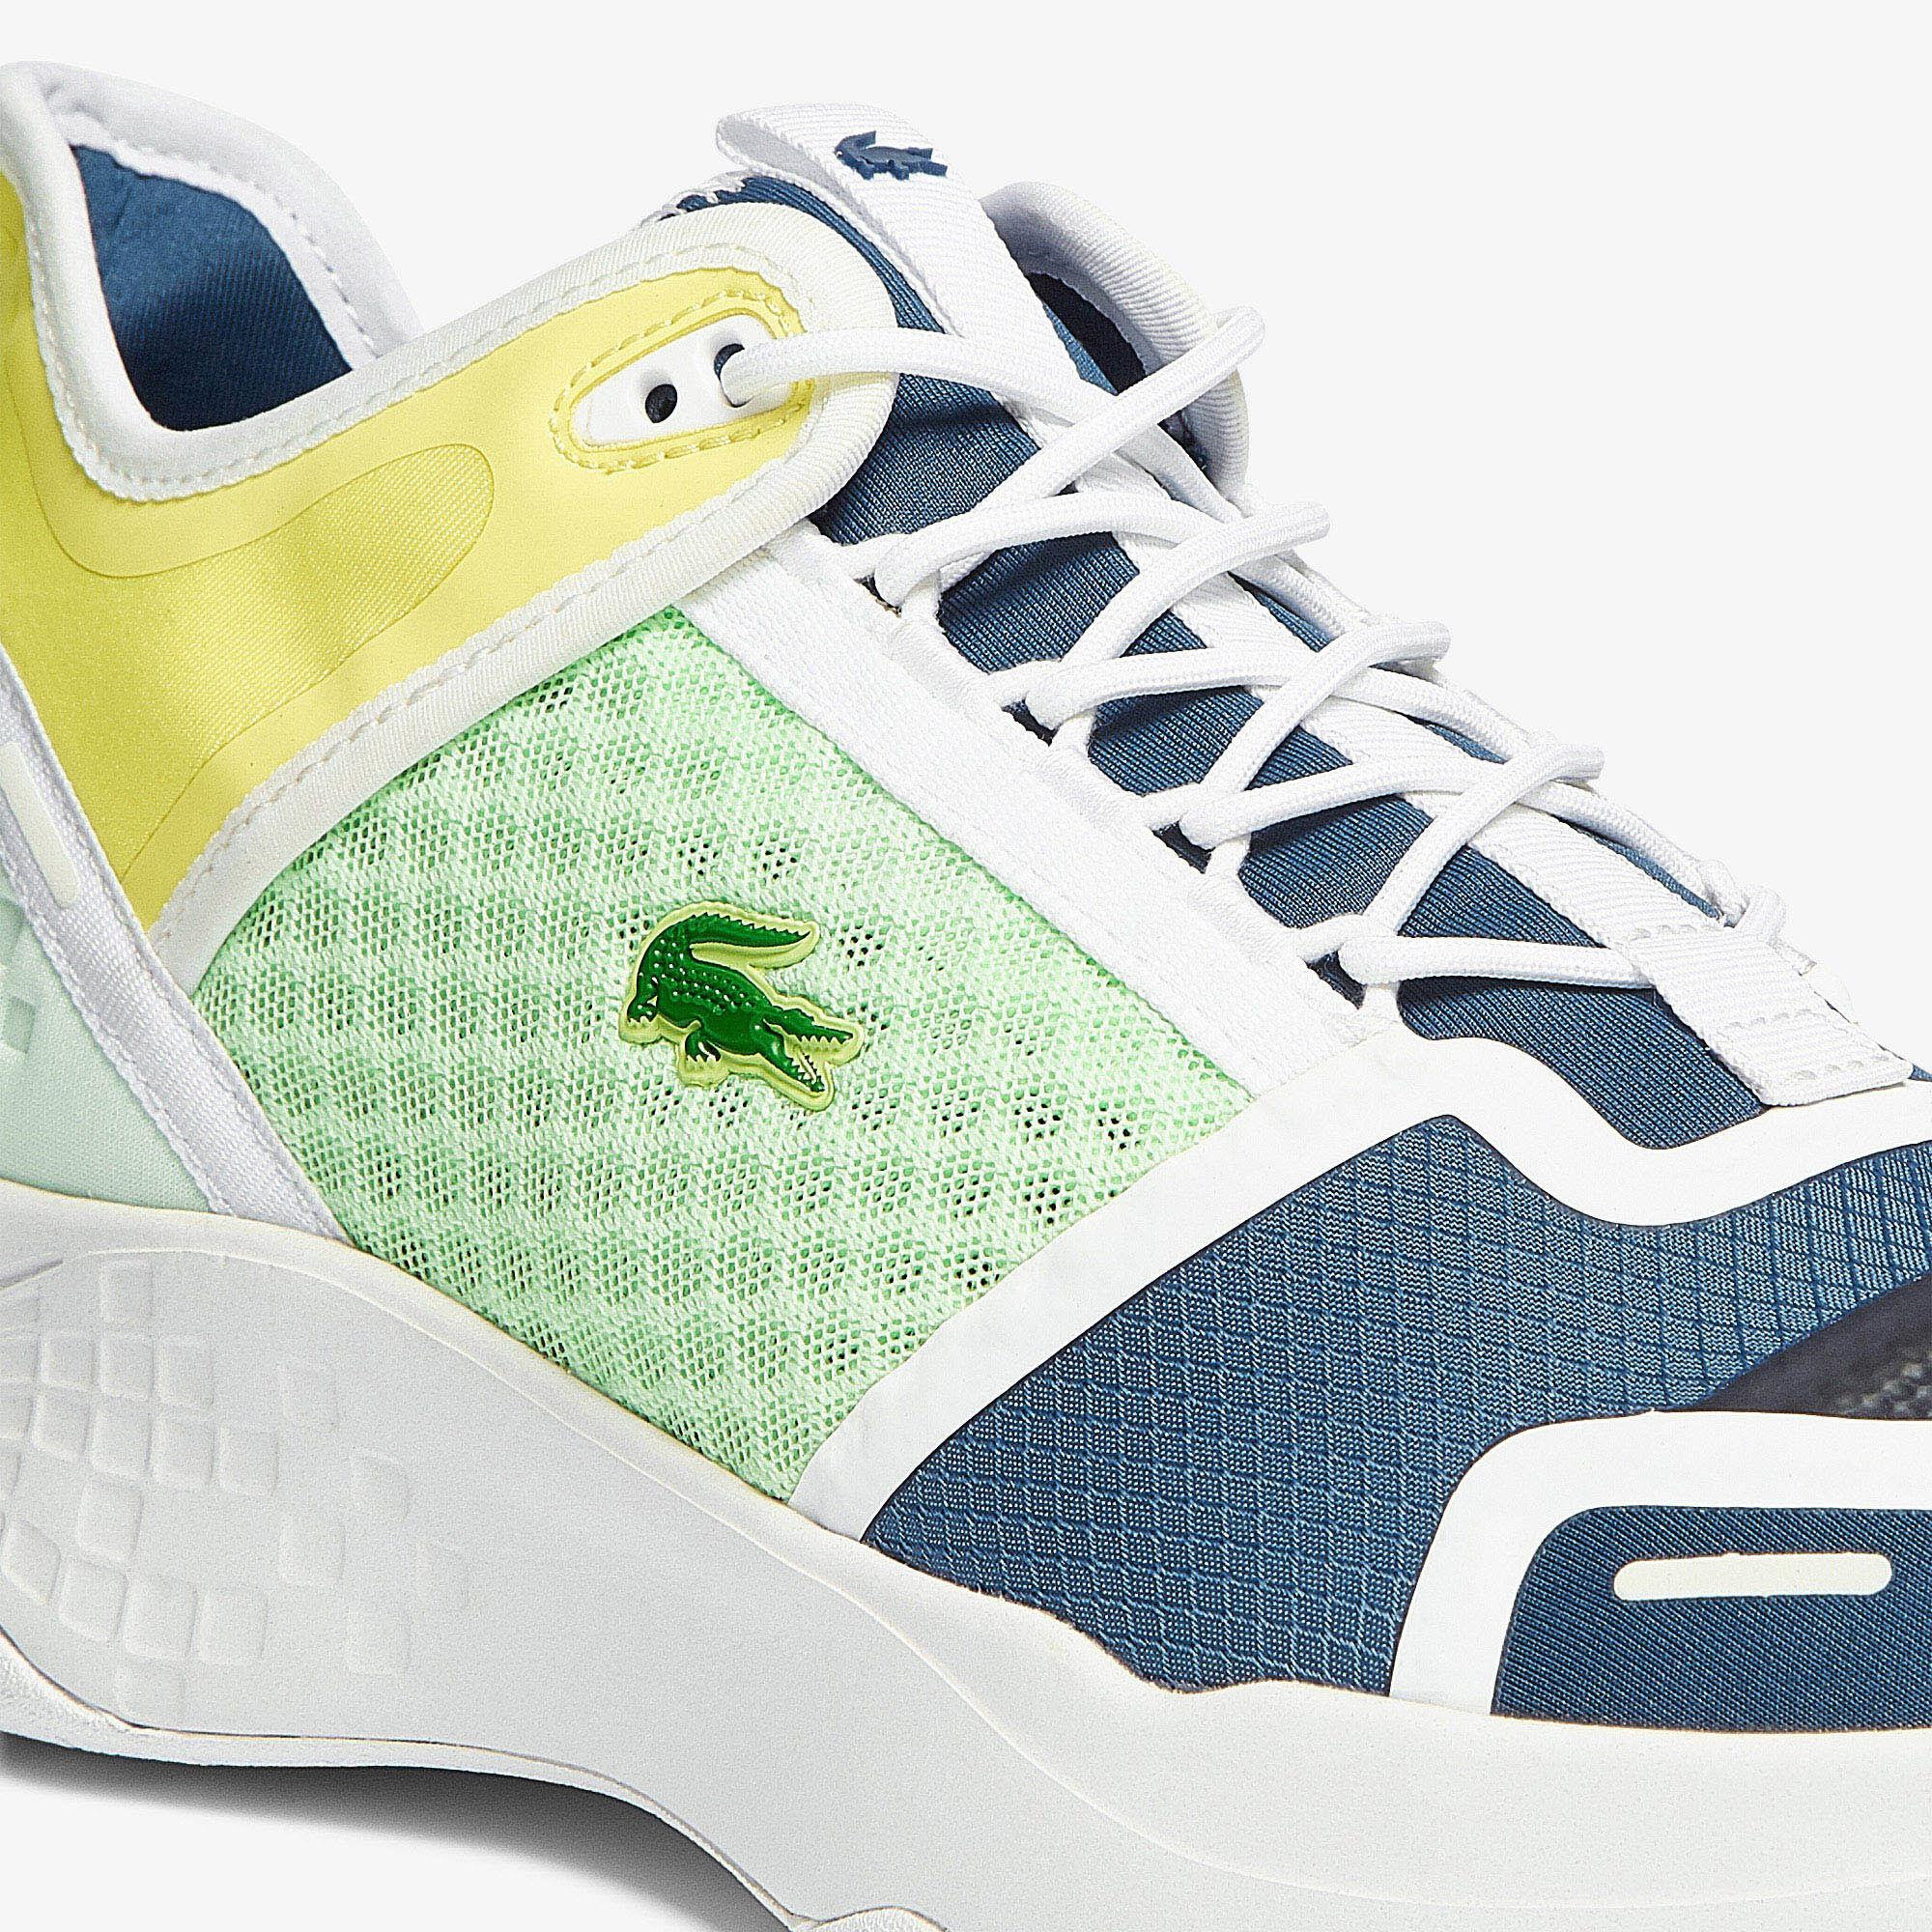 Men's Court-Drive Vantage Citrus-Pop Textile Trainers